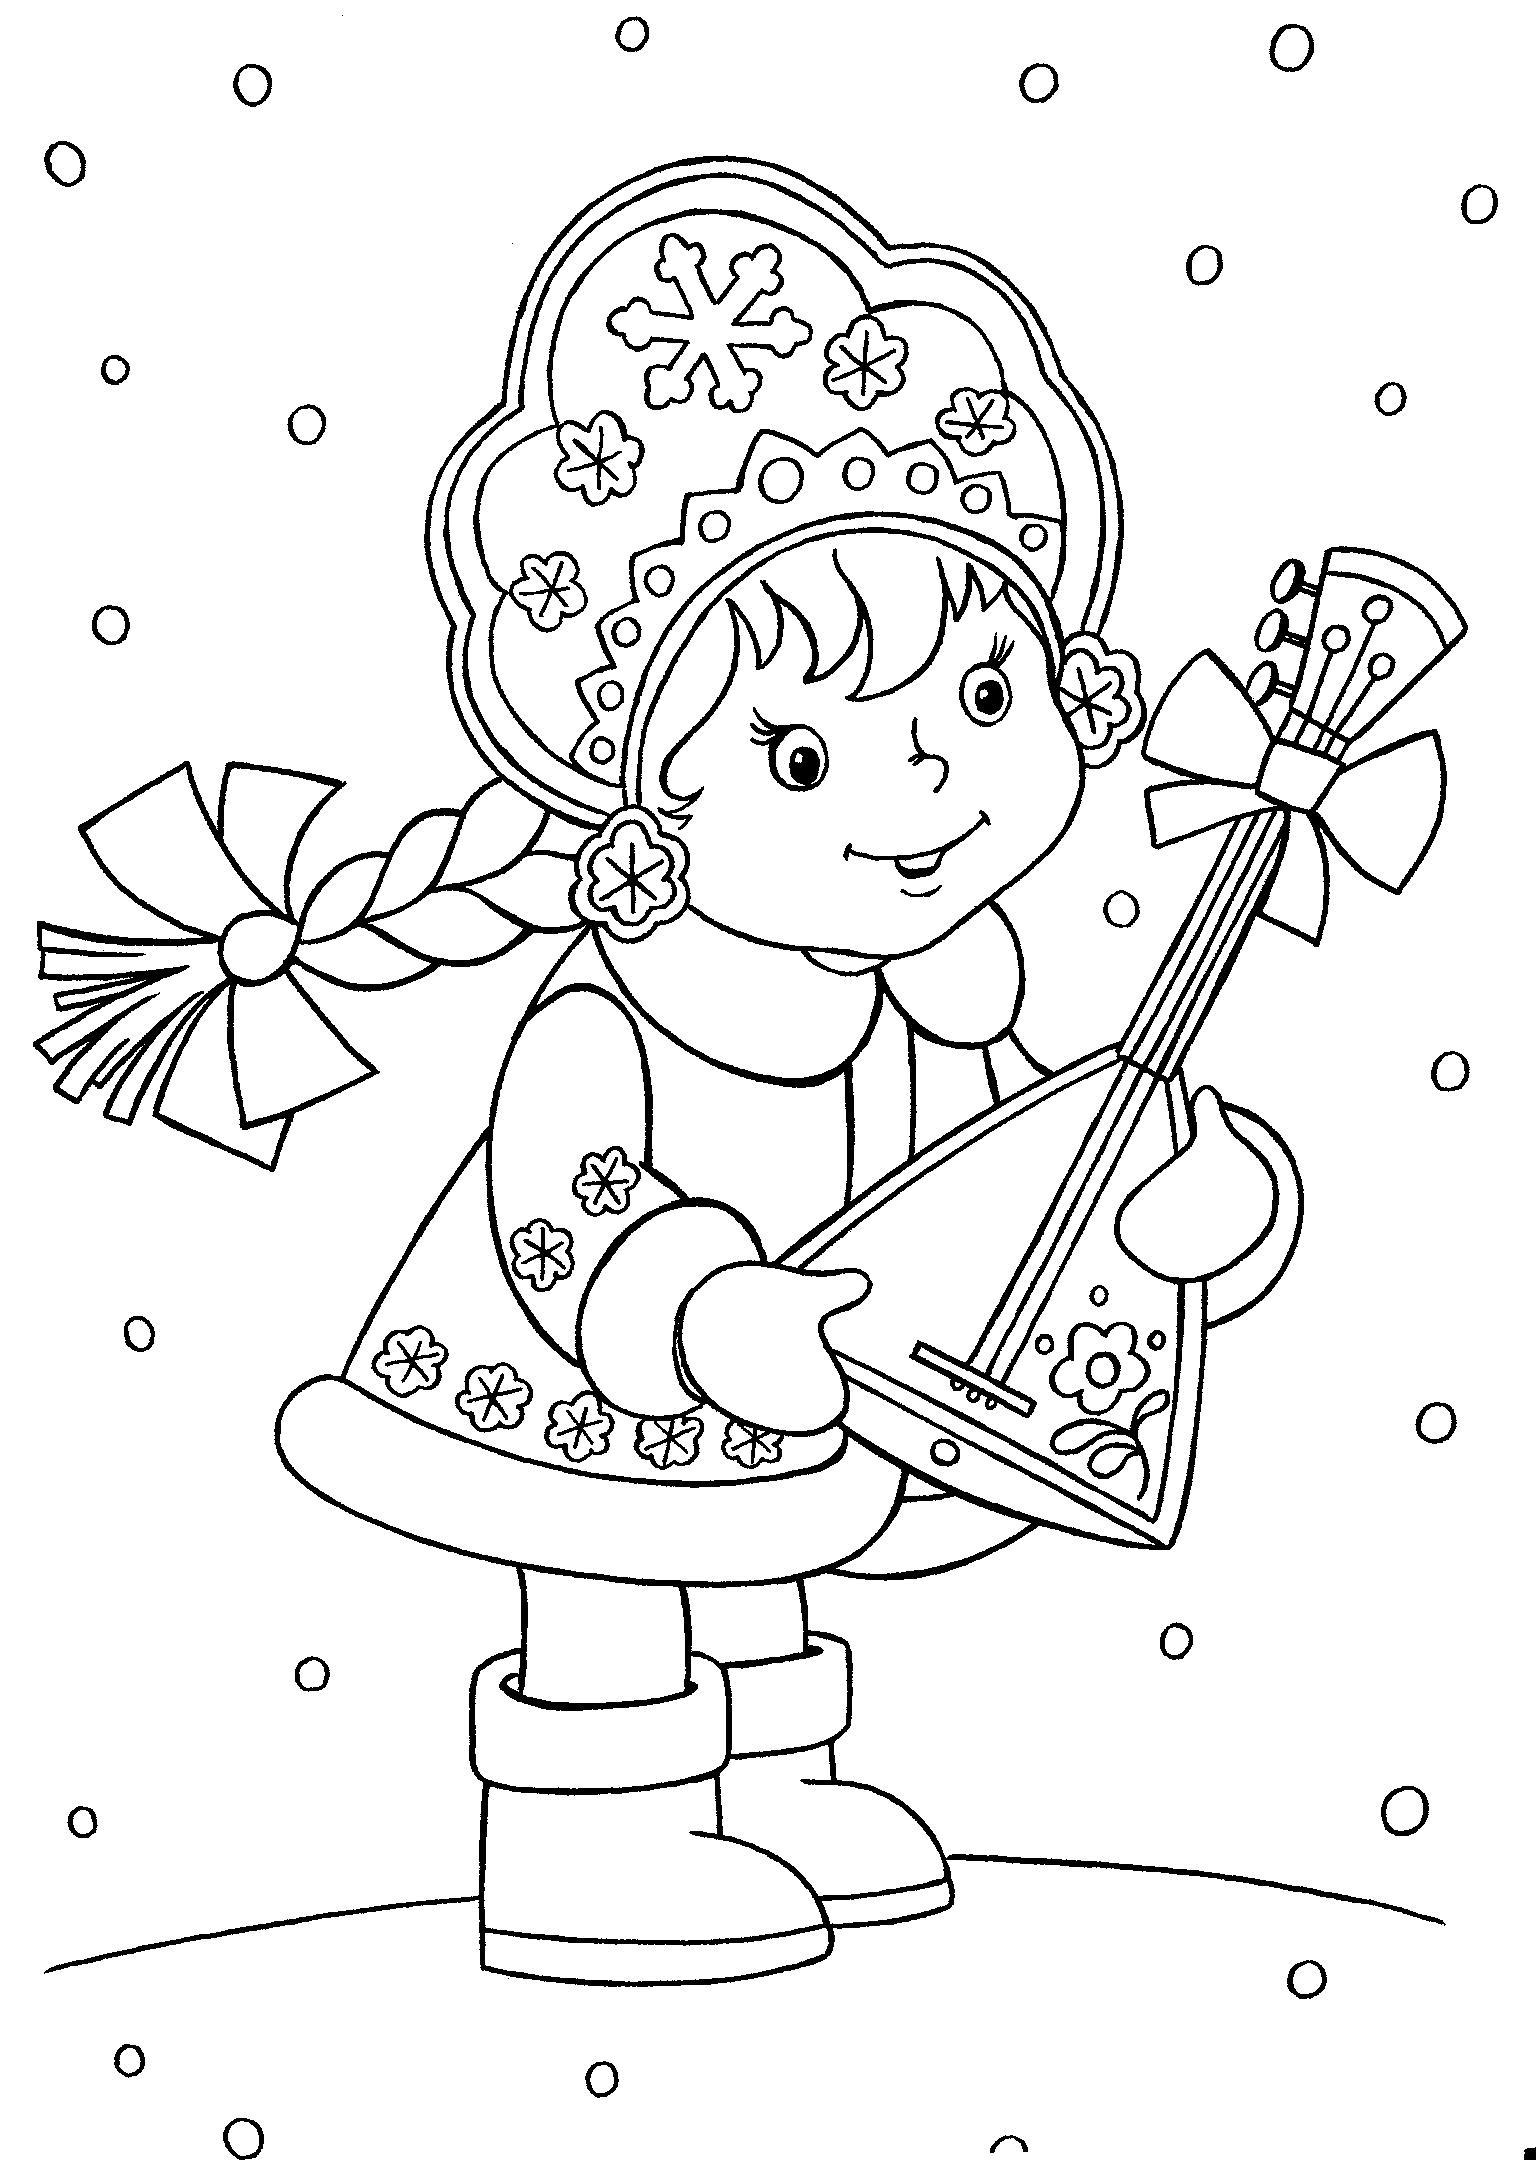 Рисунки для витражных красок, снегурочка с балалайкой